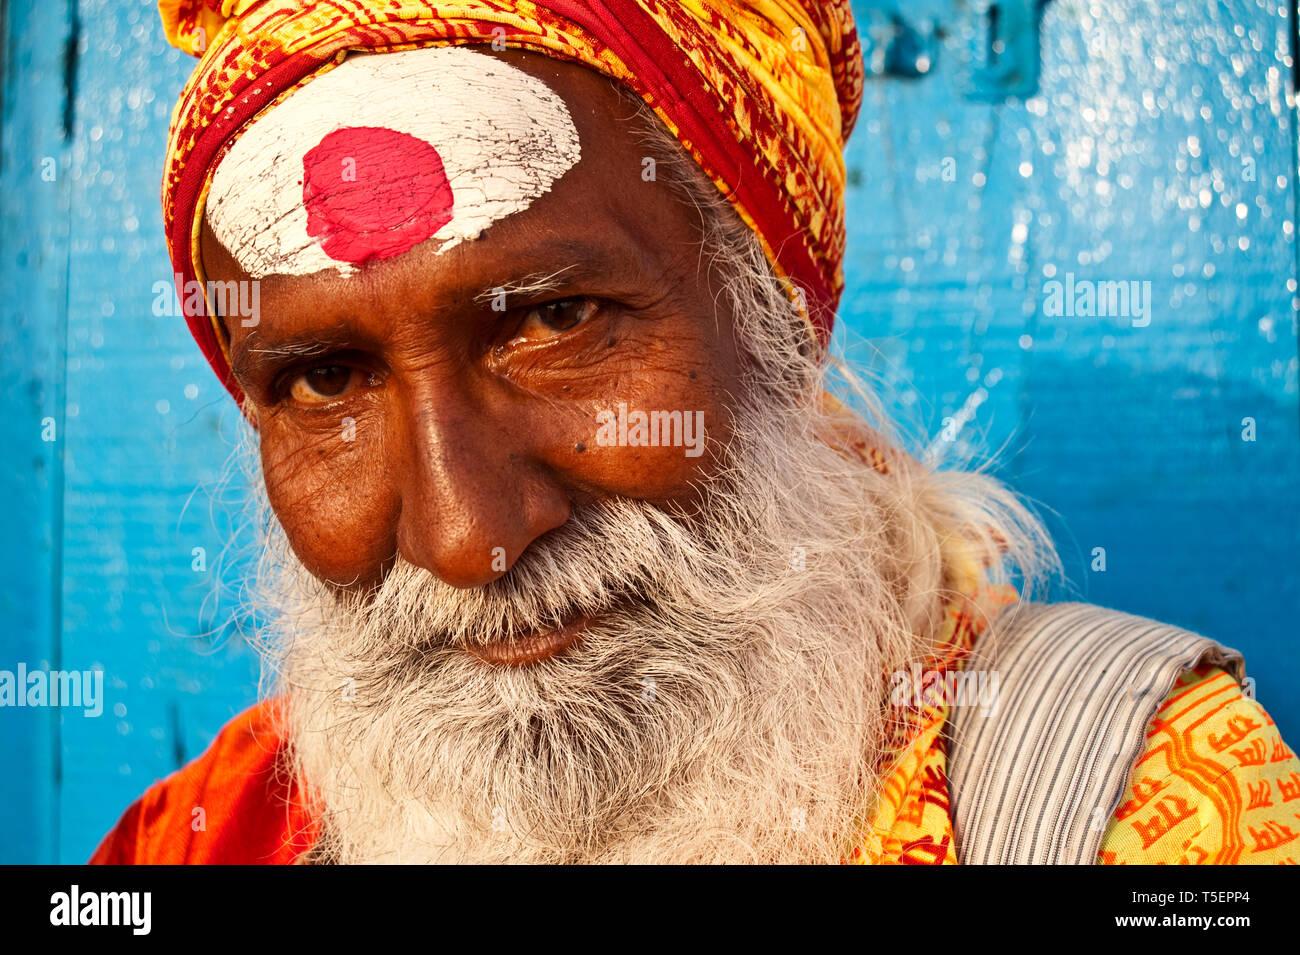 Sadhu ( India) - Stock Image